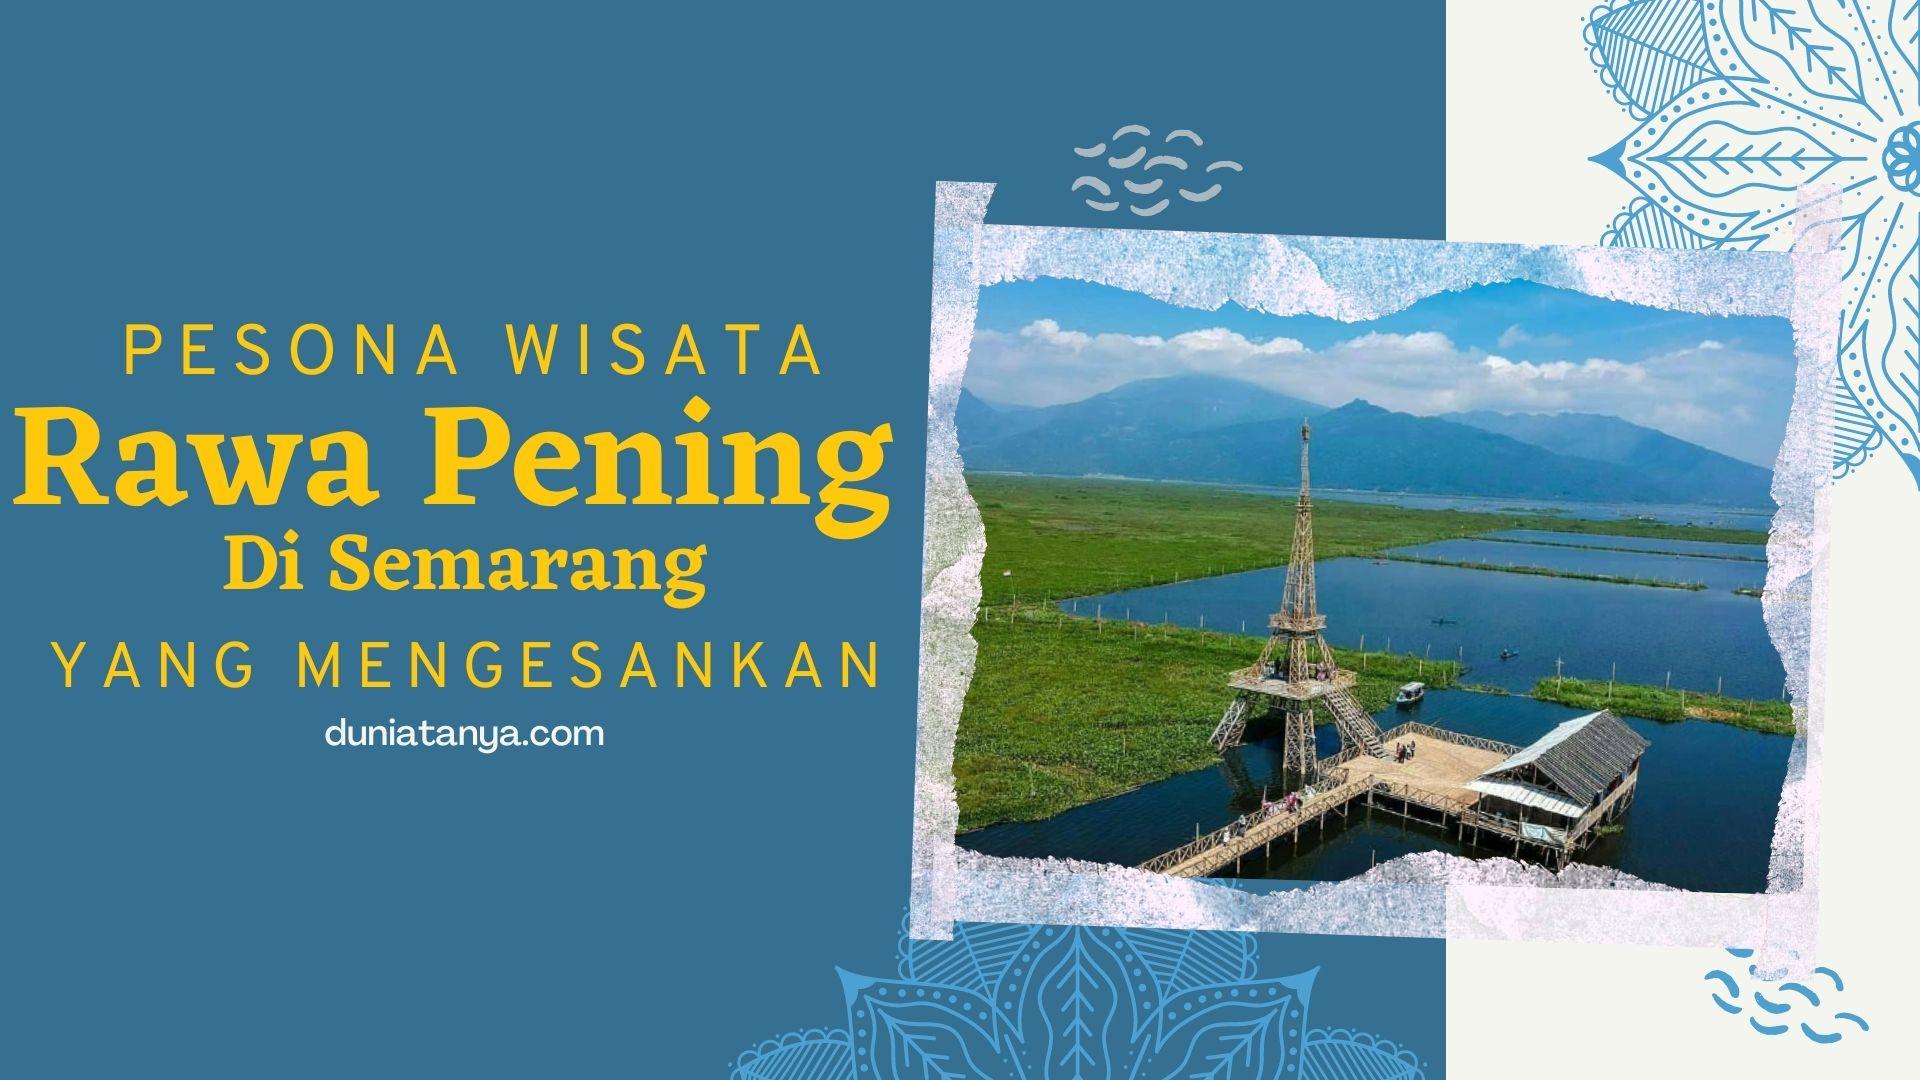 You are currently viewing Pesona Wisata Rawa Pening Di Semarang Yang Mengesankan